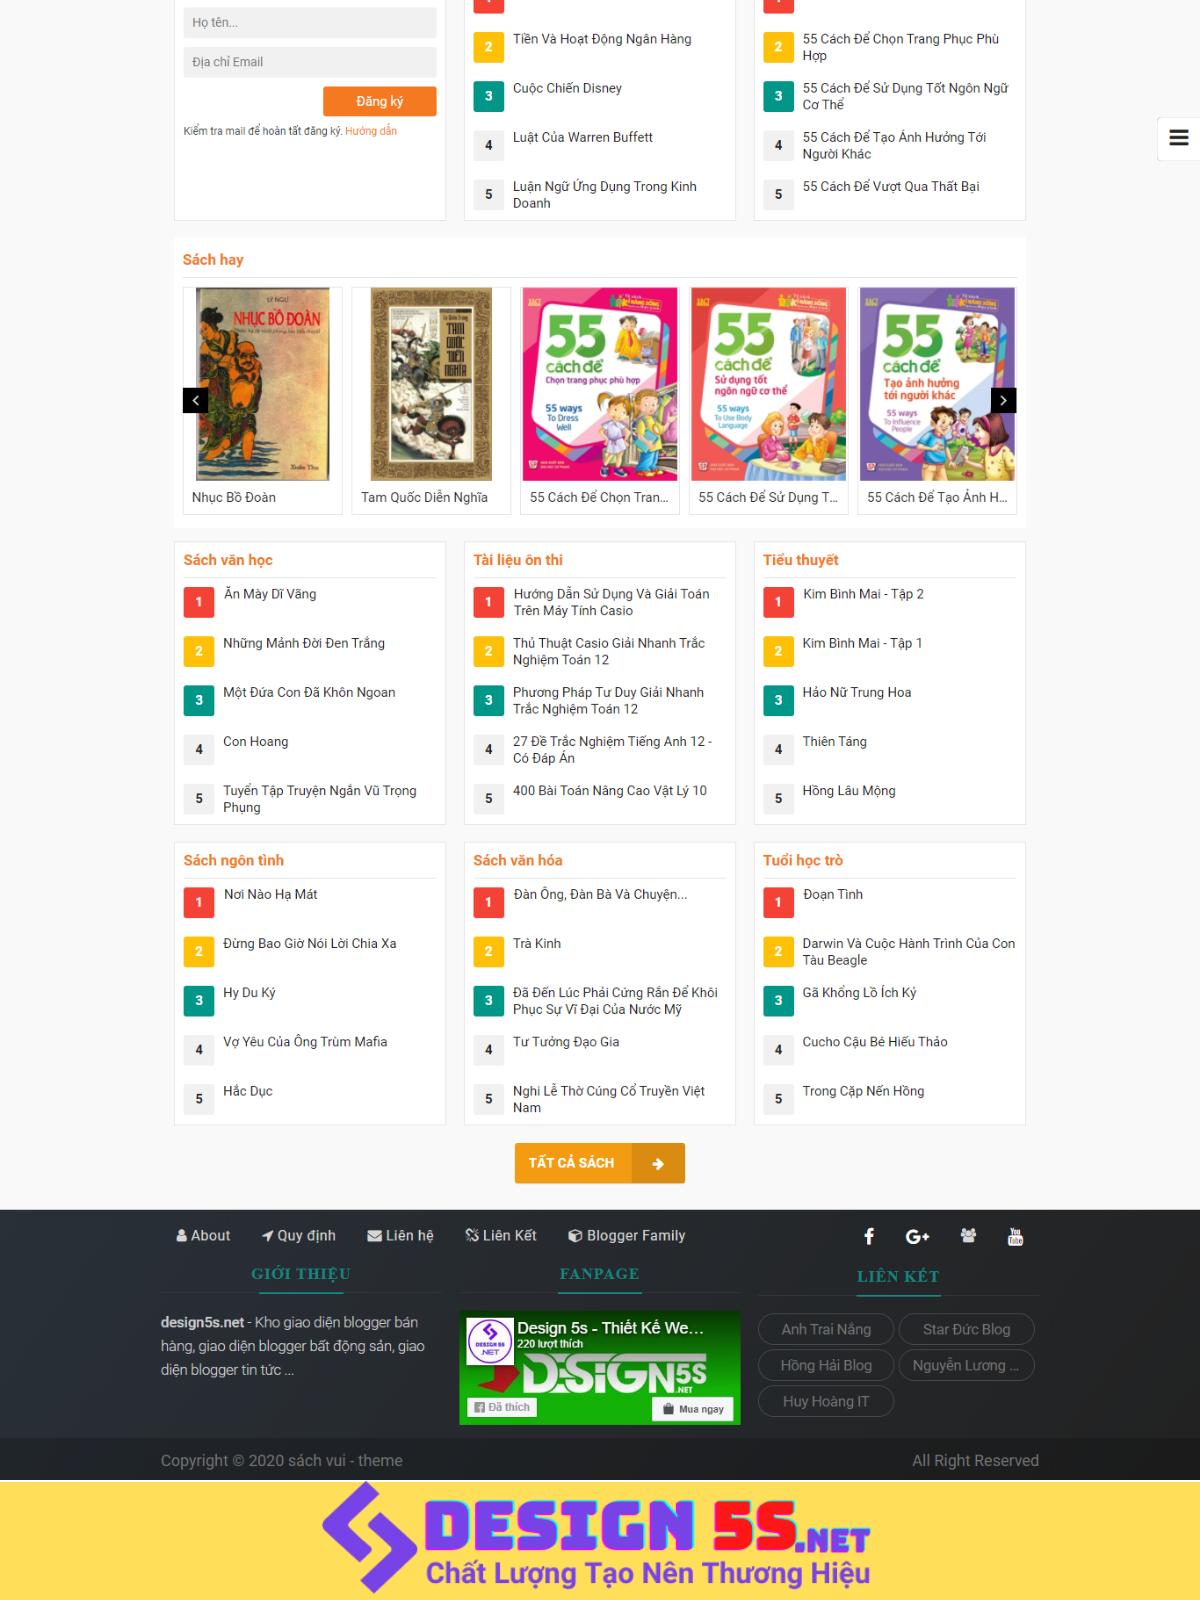 Theme Blospot Bán Sách Và Đọc Sách Online VSM87 - Ảnh 2